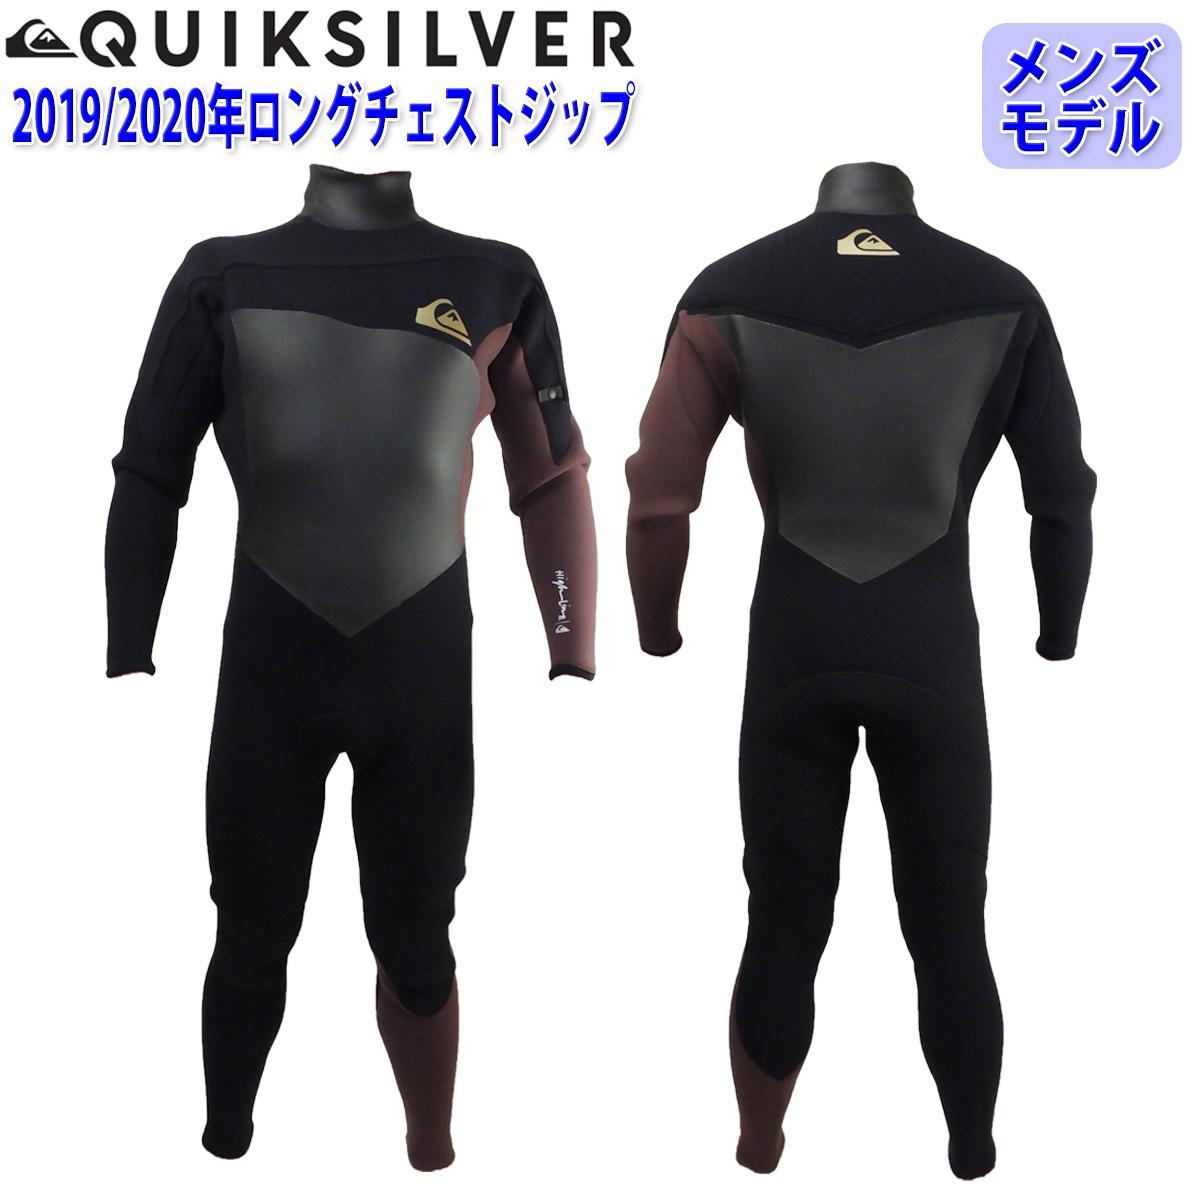 19-20 QUIKSILVER クイックシルバー セミドライ ウェットスーツ ウエットスーツ ロングチェストジップ 5/4/3mm メンズモデル 2019-2020年 品番 QWT194801 既製サイズモデル 日本正規品